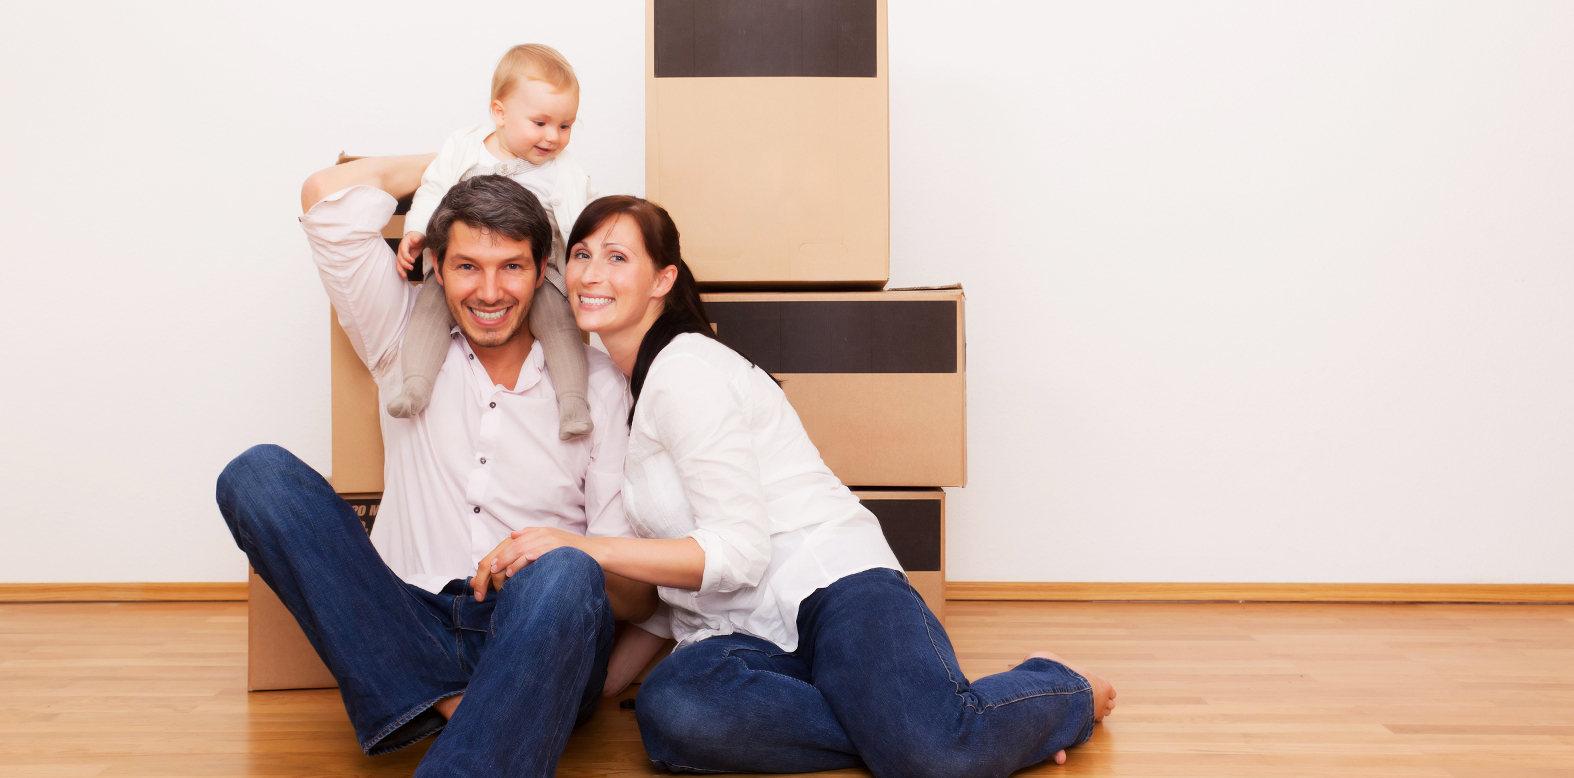 provisionsfreie immobilien keine maklergeb hren courtagefreie mietwohnungen. Black Bedroom Furniture Sets. Home Design Ideas